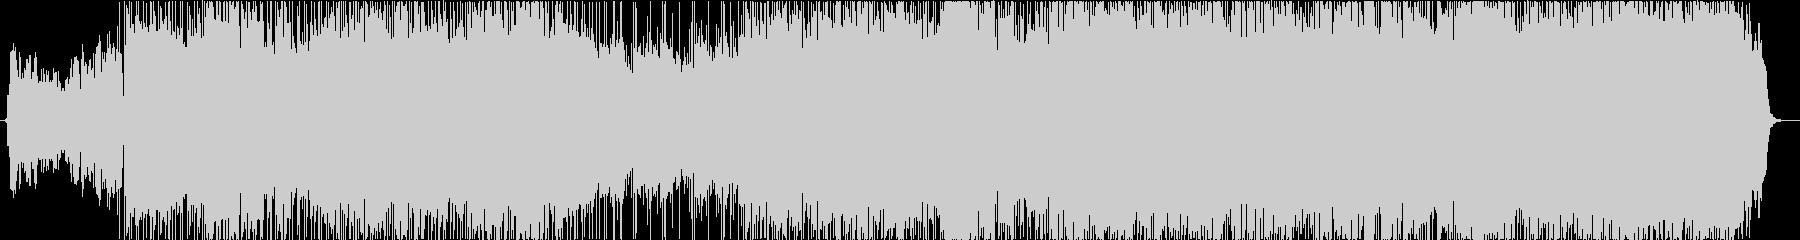 3拍子な歌謡ロックの未再生の波形